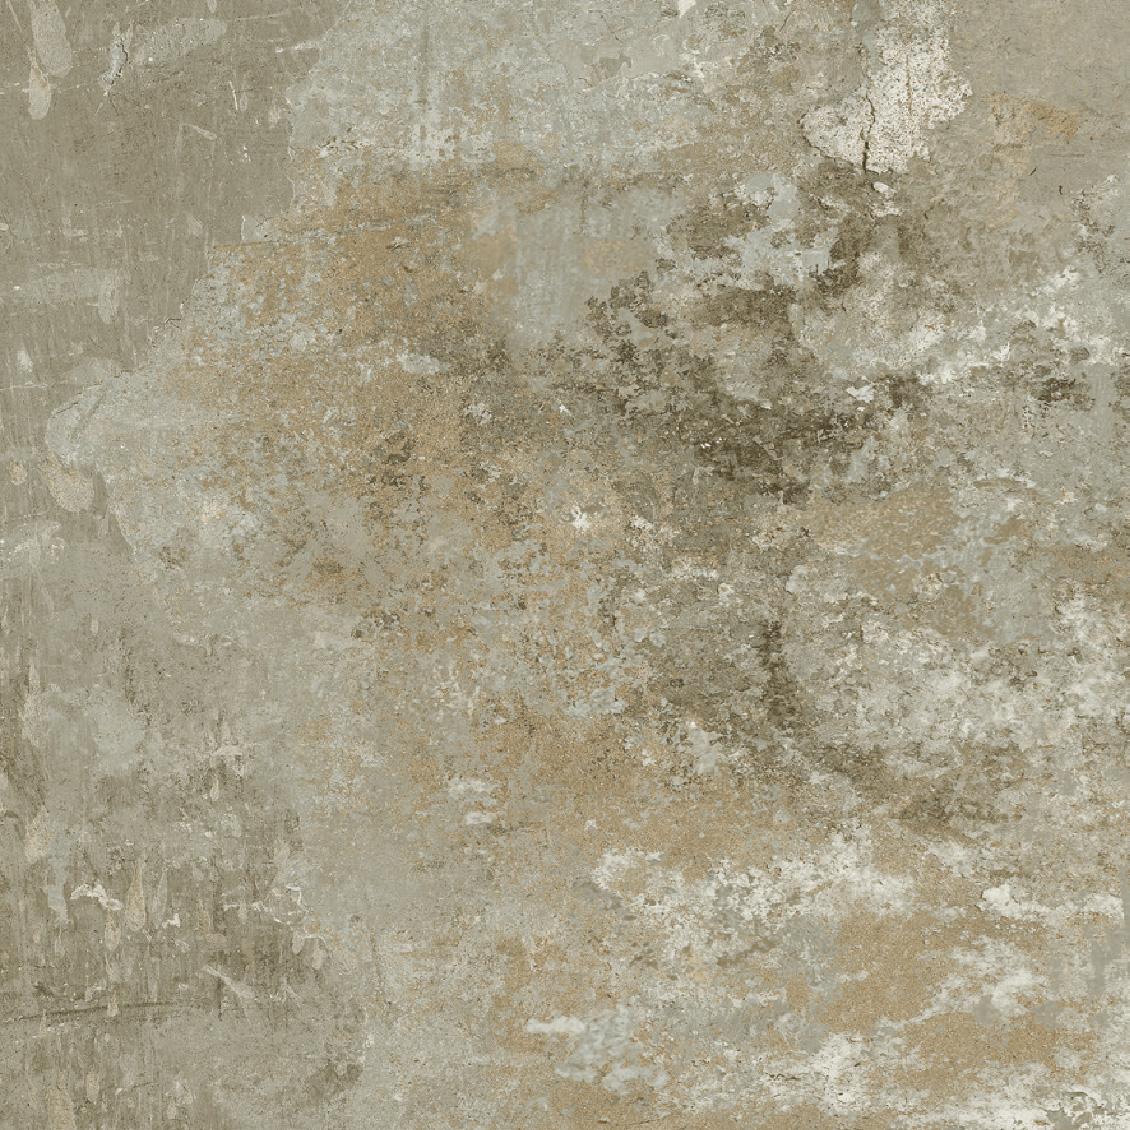 Купить Керамогранит Fanal Gneis Natural Nplus 75x75, Испания